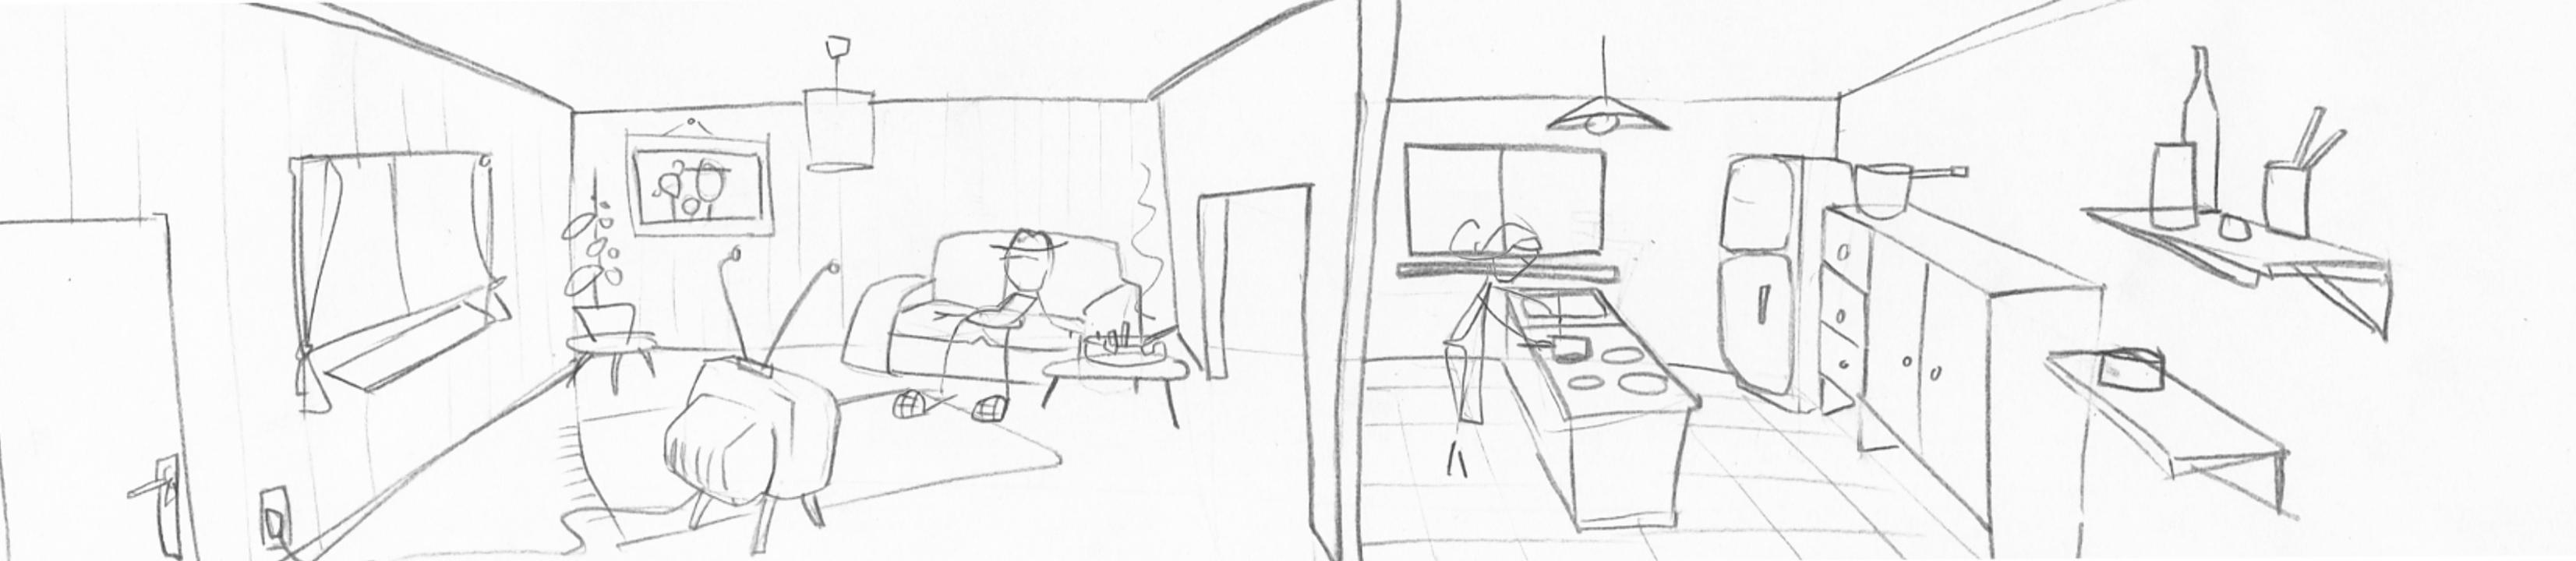 Entscheiden_Storyboard_04